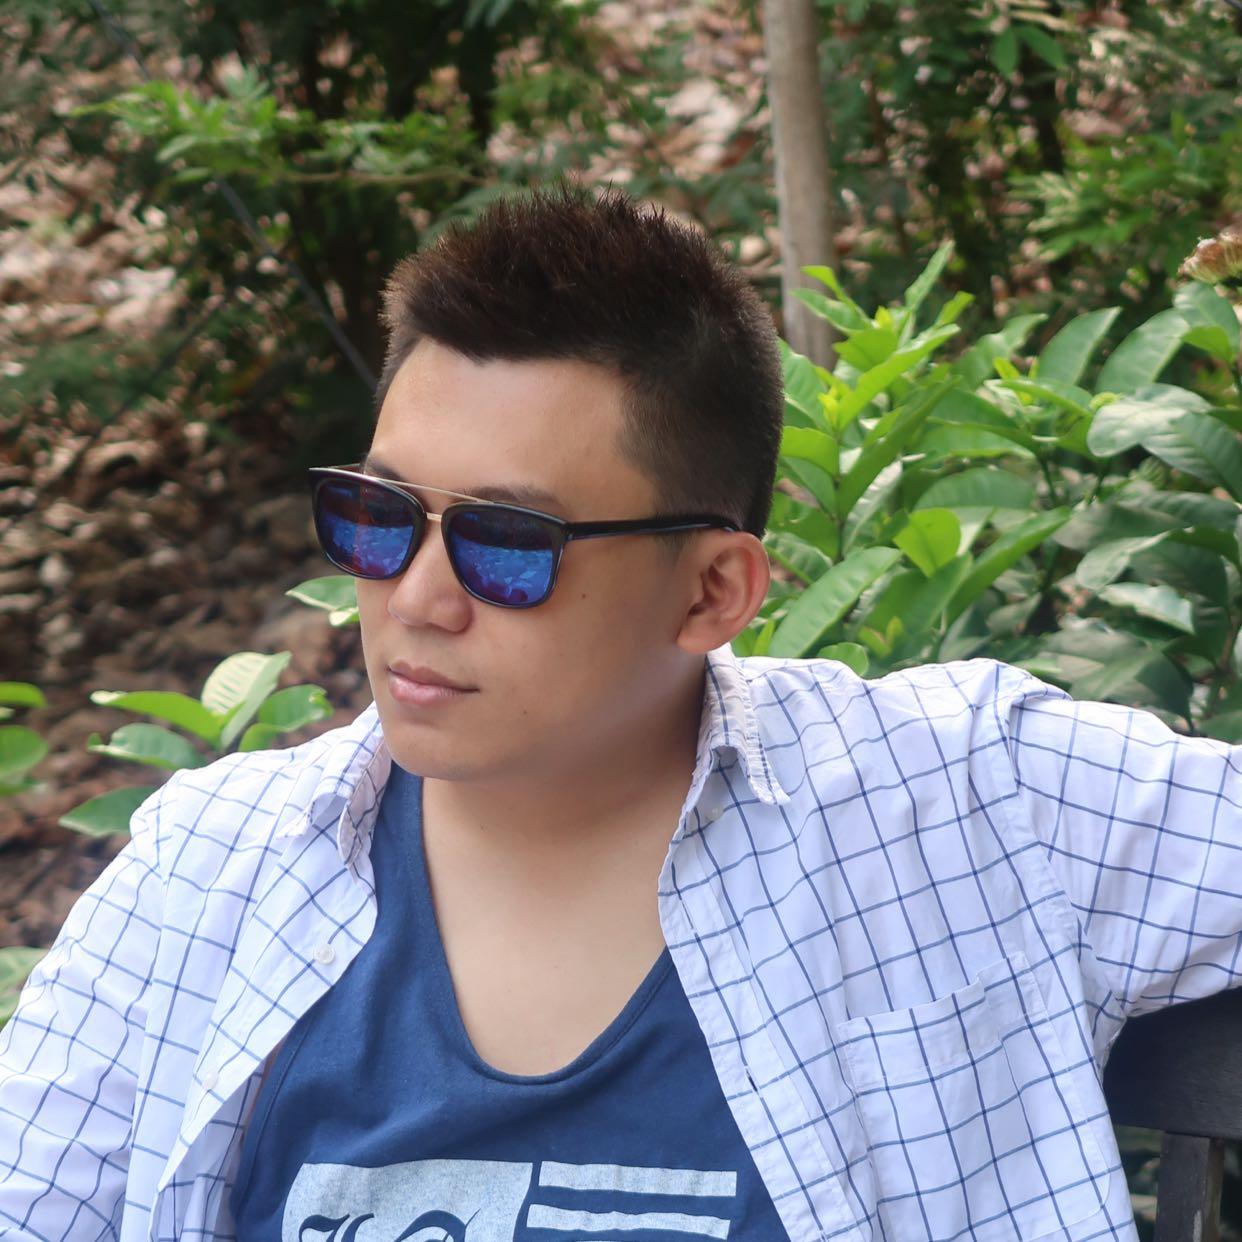 Vũ Sơn Tùng